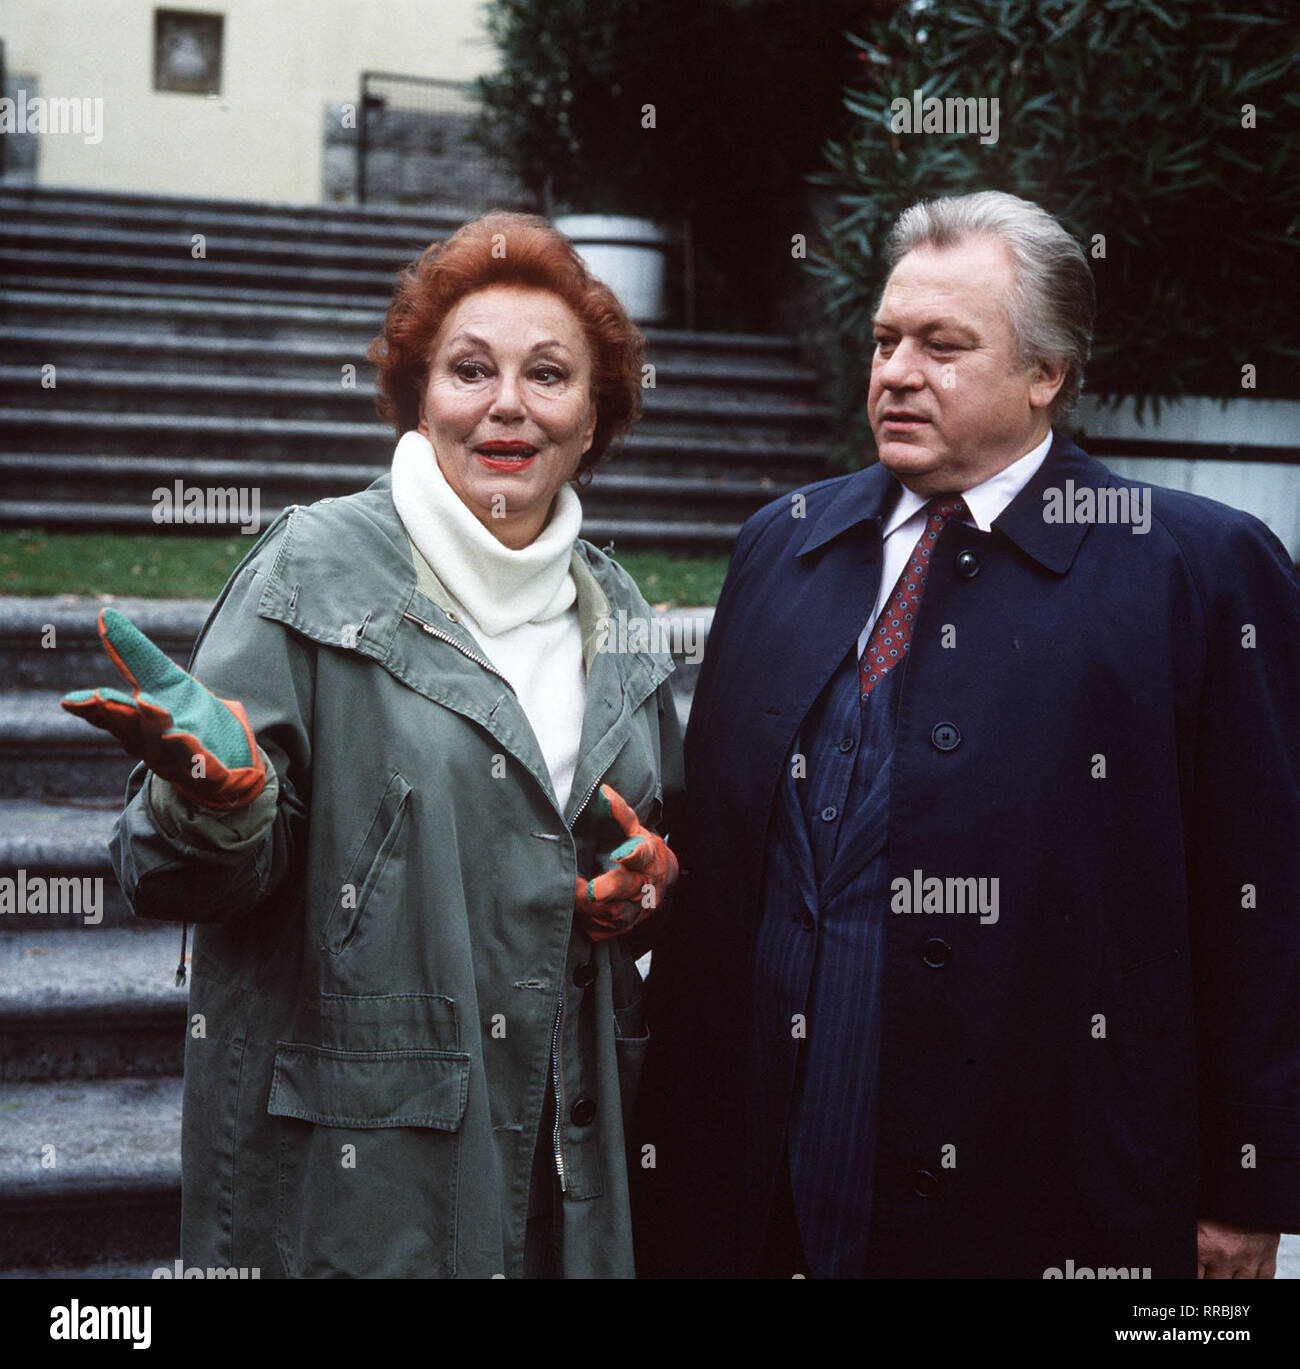 Ein Fall für Zwei / Folge: Tödliche Versöhnung / Magda Hofheimer (LOLA MÜTHEL) will Ordnung in ihr Seelenleben bringen. Sie bittet Dr. Renz (GÜNTER STRACK) ihr zu helfen Kontakt zu Eberhard Buck aufzunehmen, der gerade aus der Haft entlassen wurde. / 33711 / , 04DFAZDFEIN2 / Überschrift: EIN FALL FÜR ZWEI / BRD 1988 Stock Photo